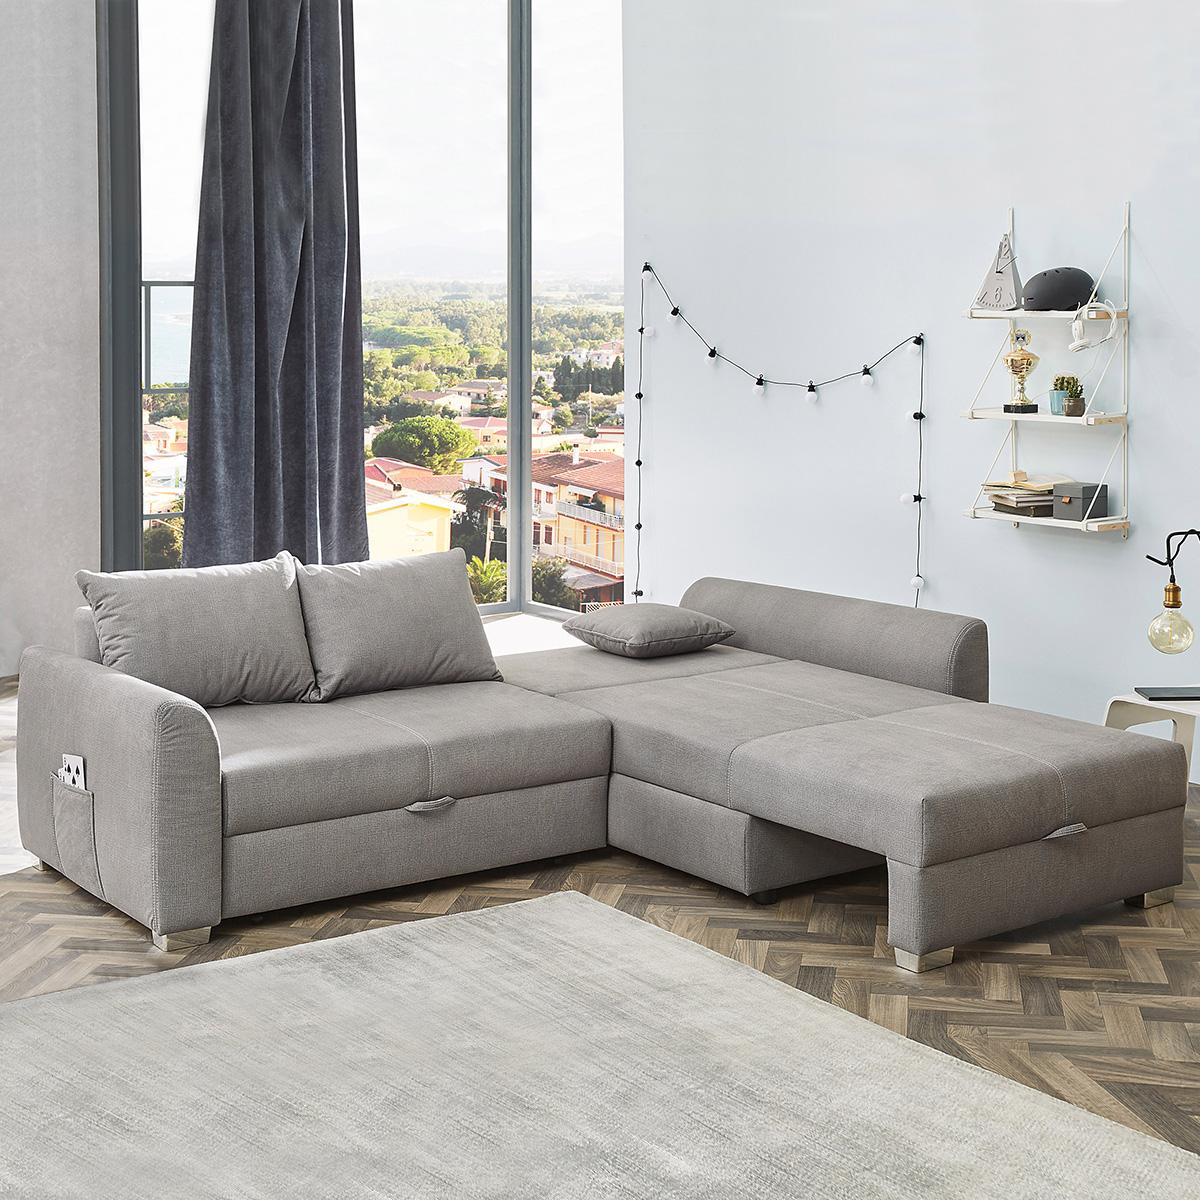 Ecksofa mit Doppel-Gästebettfunktion – Zusatzfunktion